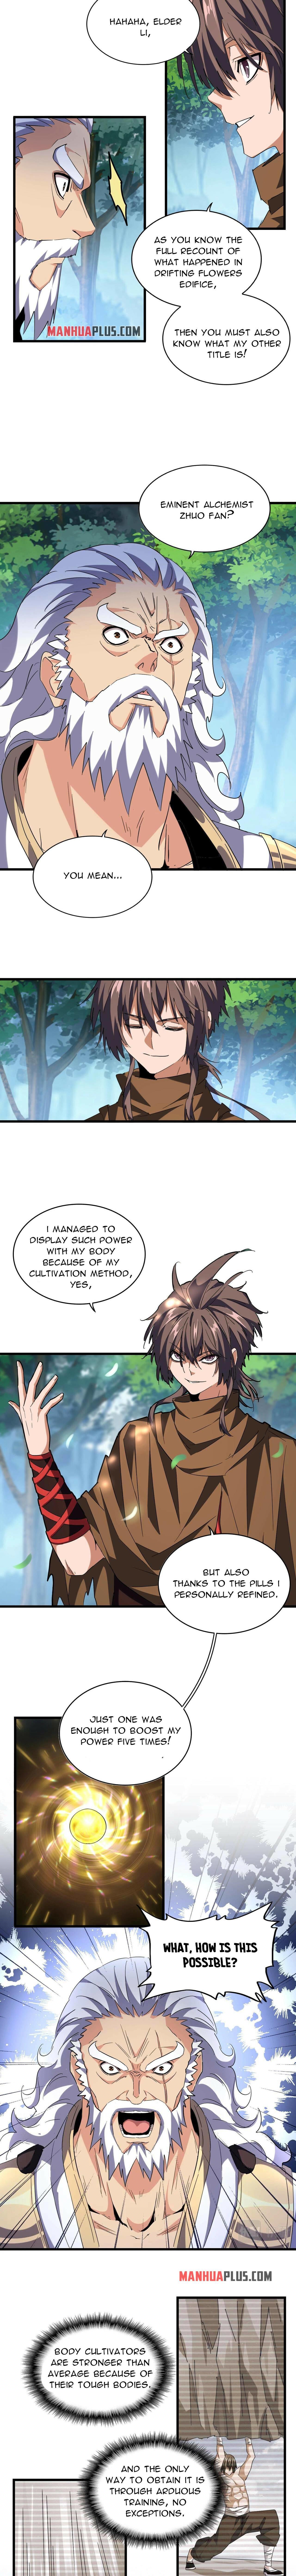 Magic Emperor Chapter 214 page 4 - Mangakakalot